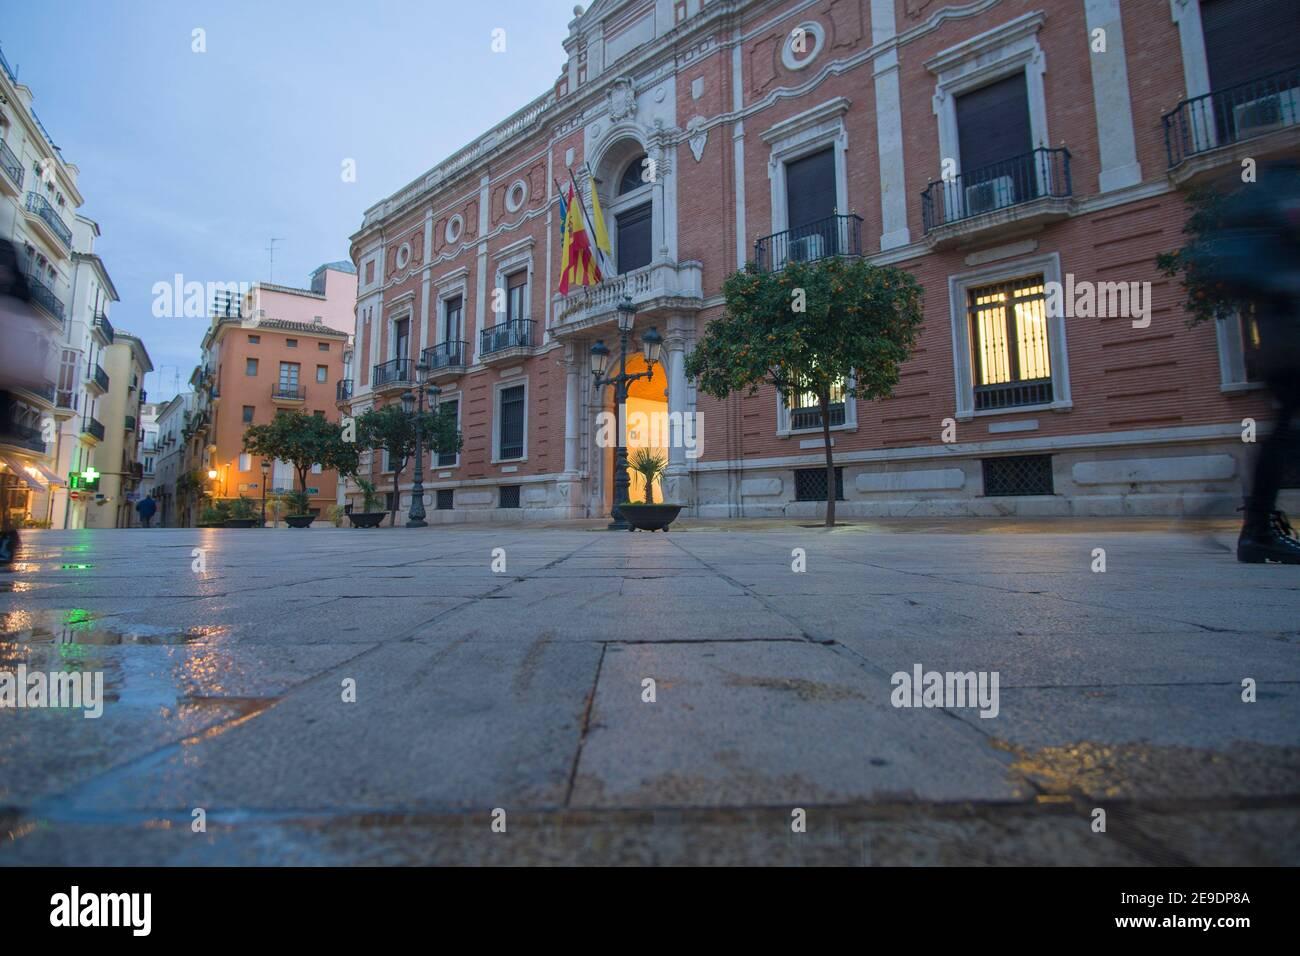 Valencia España el 10 de diciembre de 2020: Noche en la plaza del arzobispo de Navidad. Foto de stock